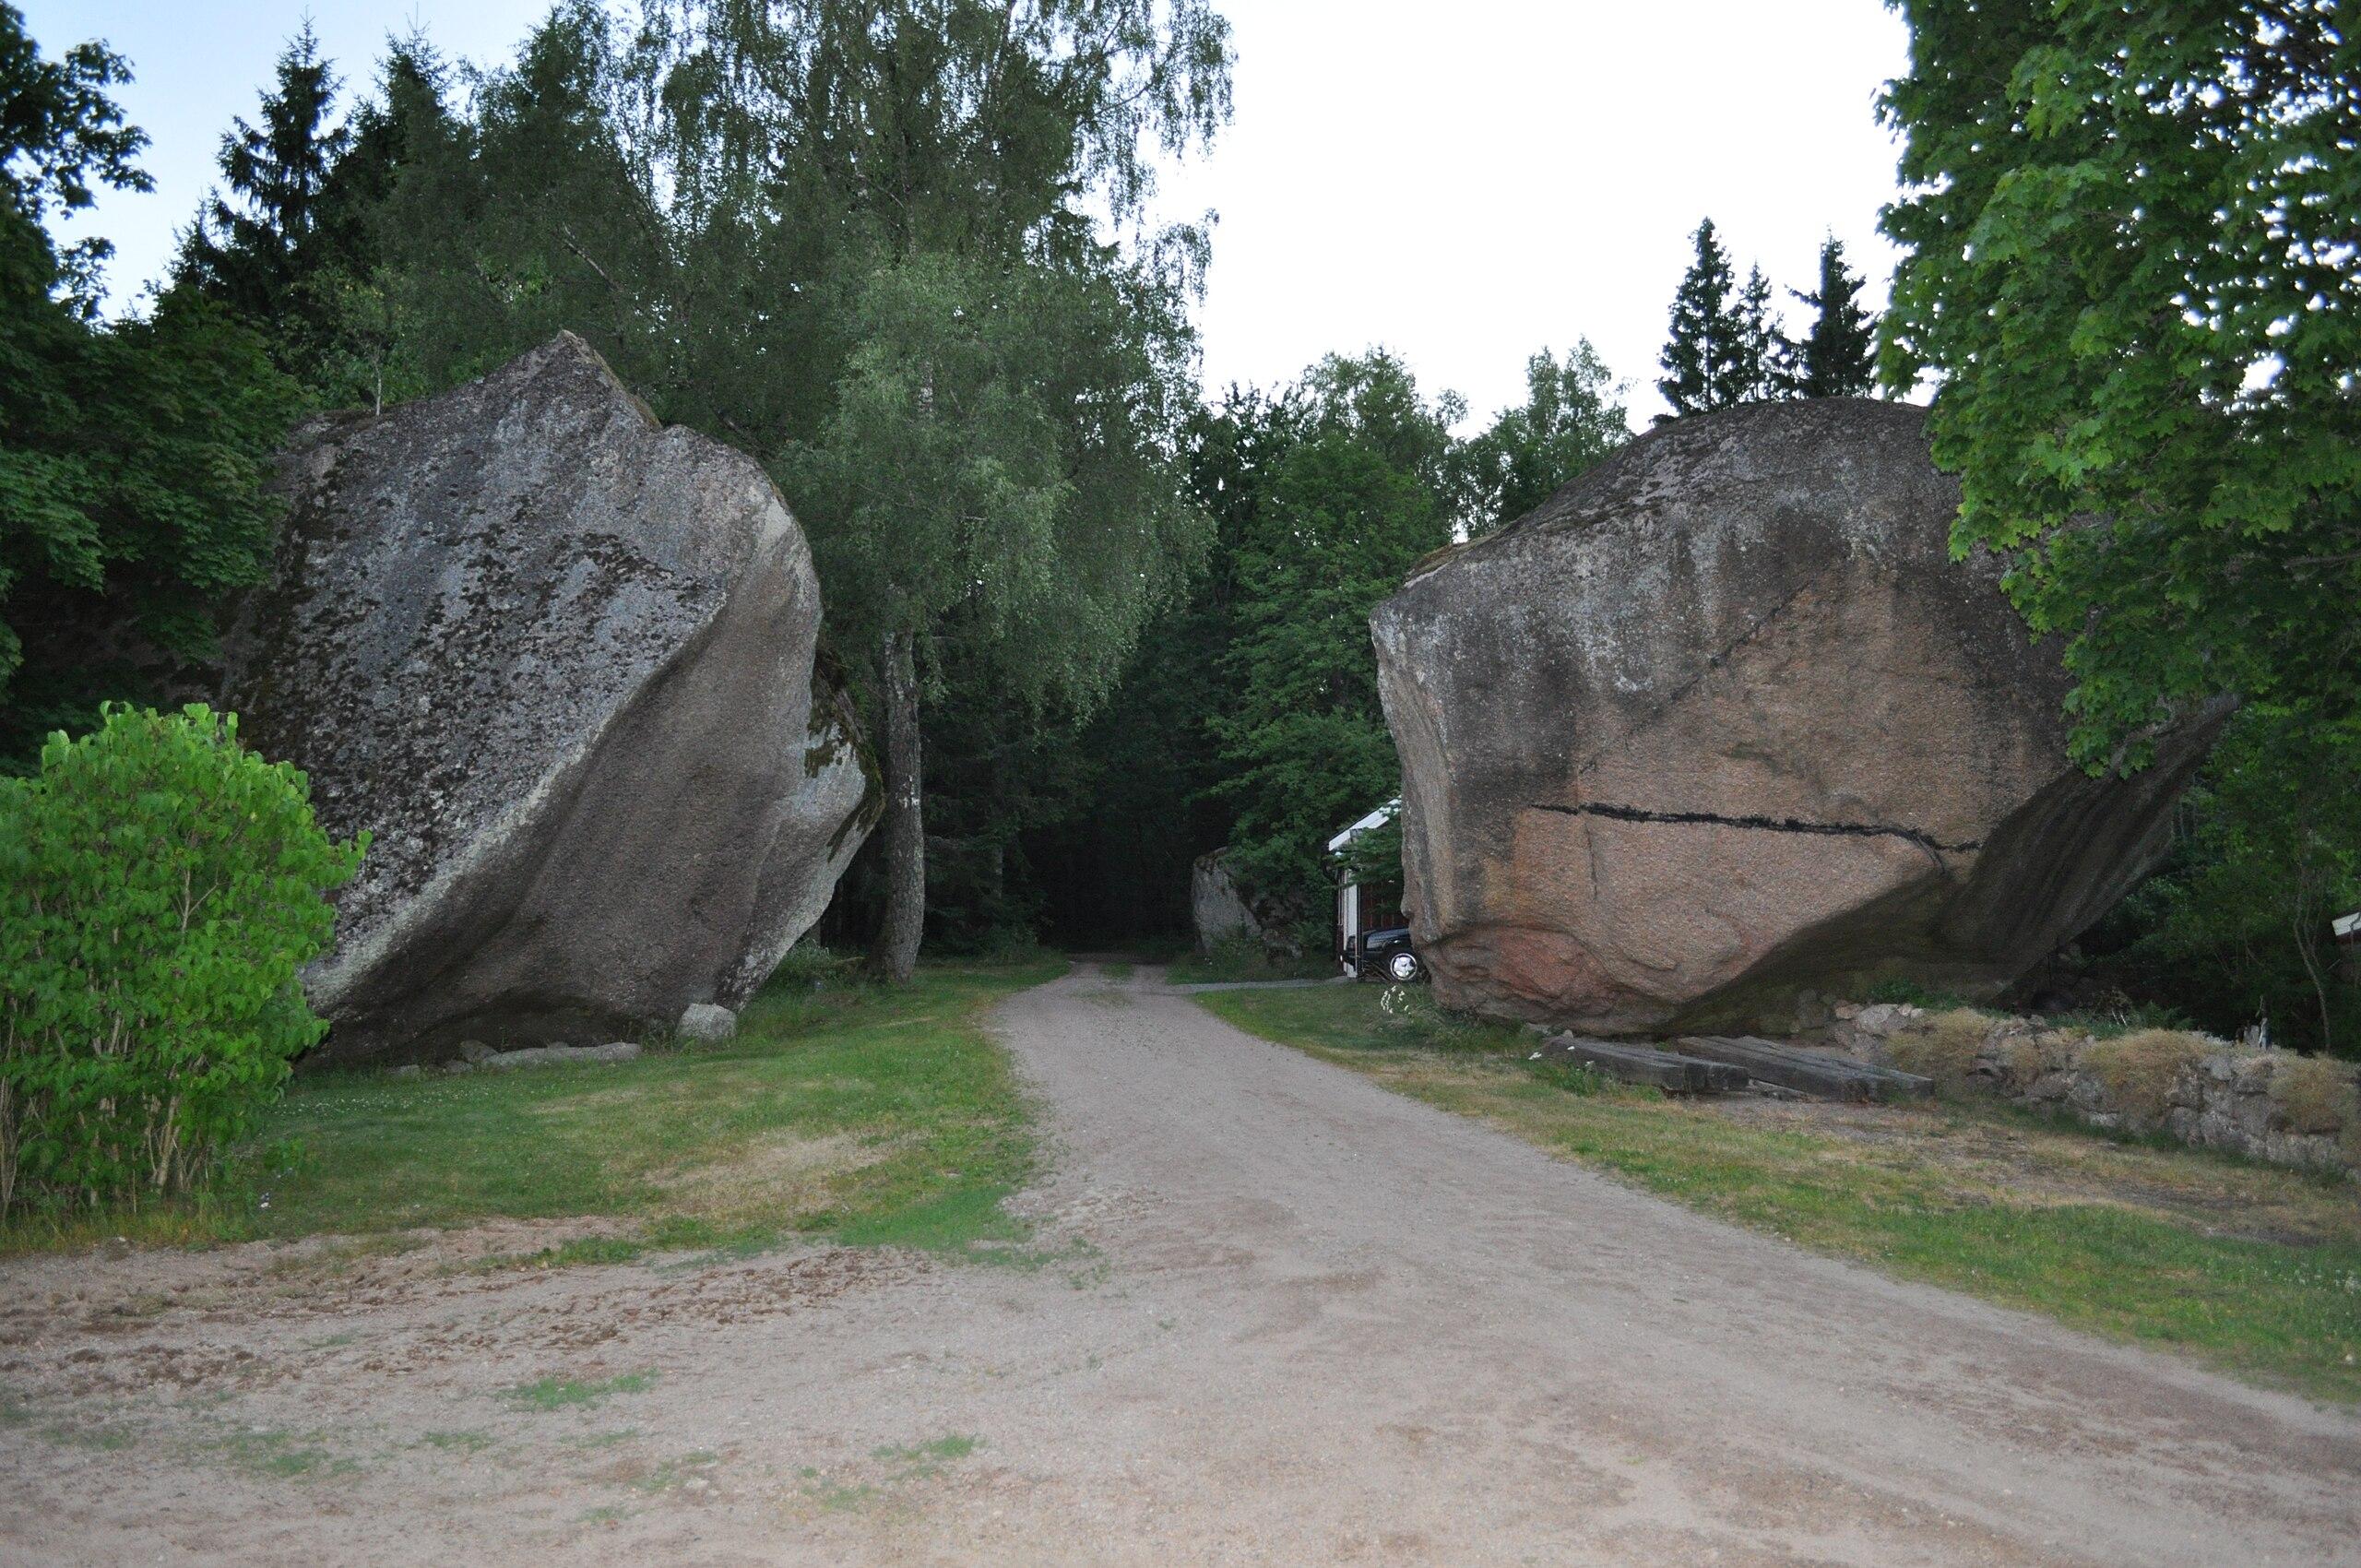 Träffa Tjejer I Sillhövda, Kullerstad träffa tjejer - Örkened single : Klassjoggen